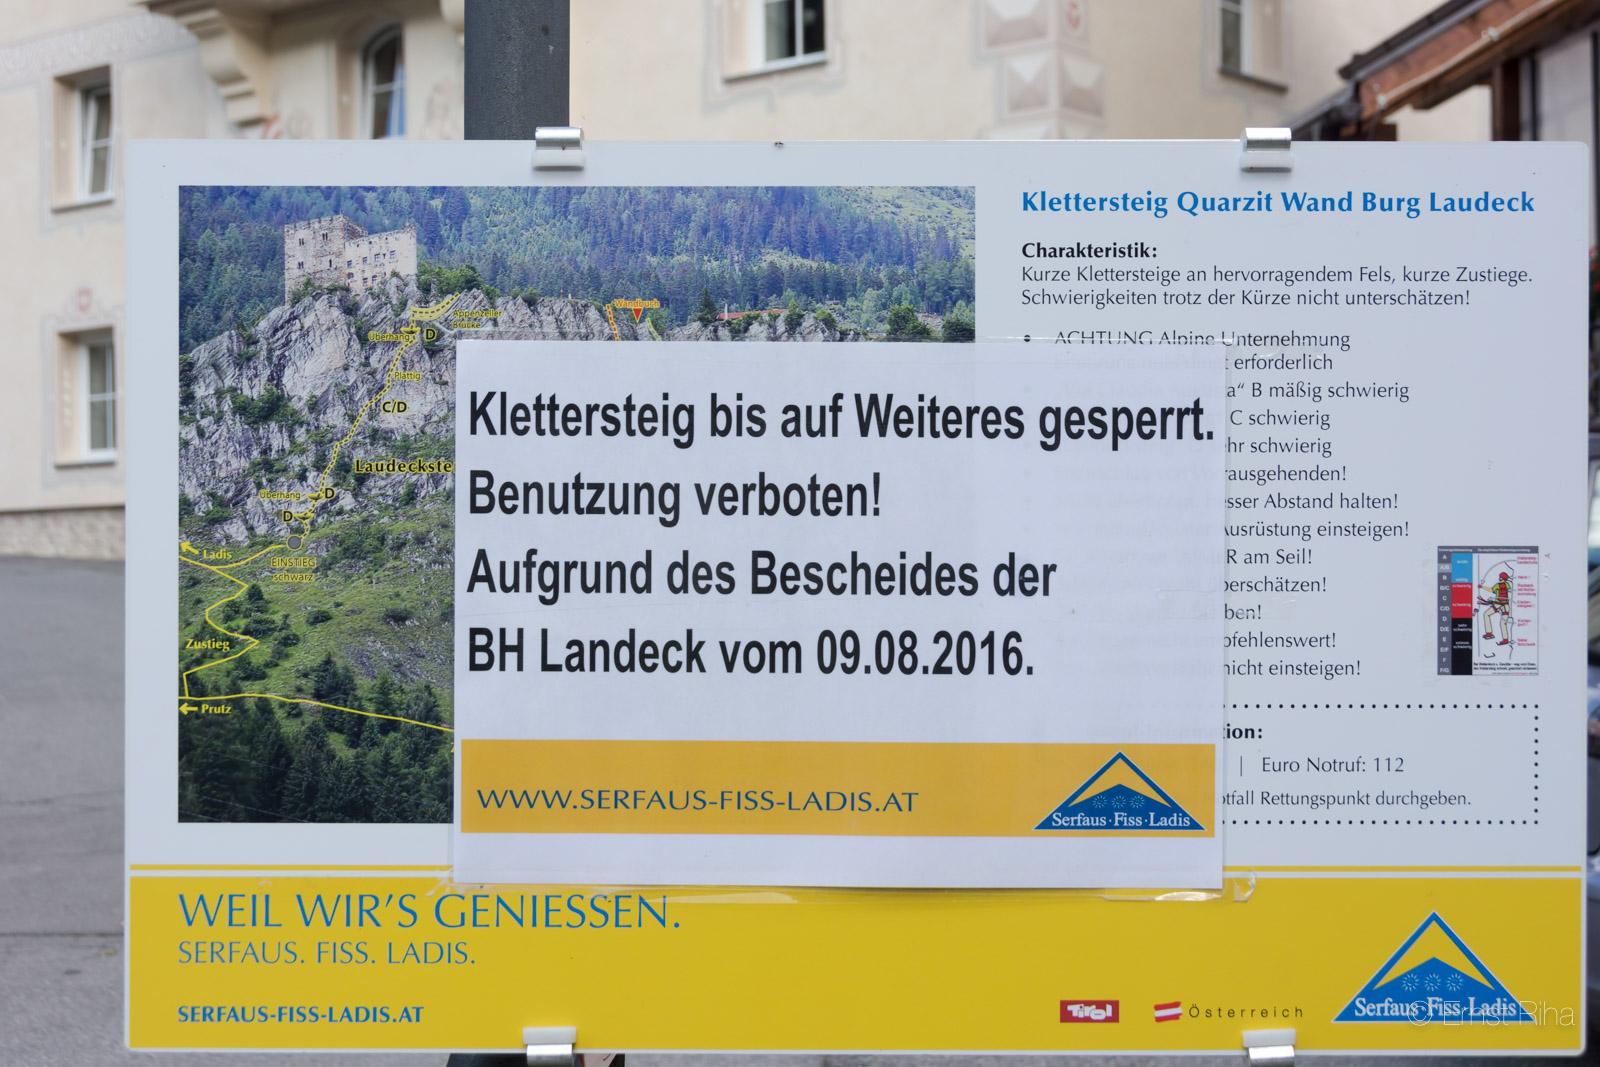 Klettersteig Quarzit Wand : Beschreibung klettersteige ladis